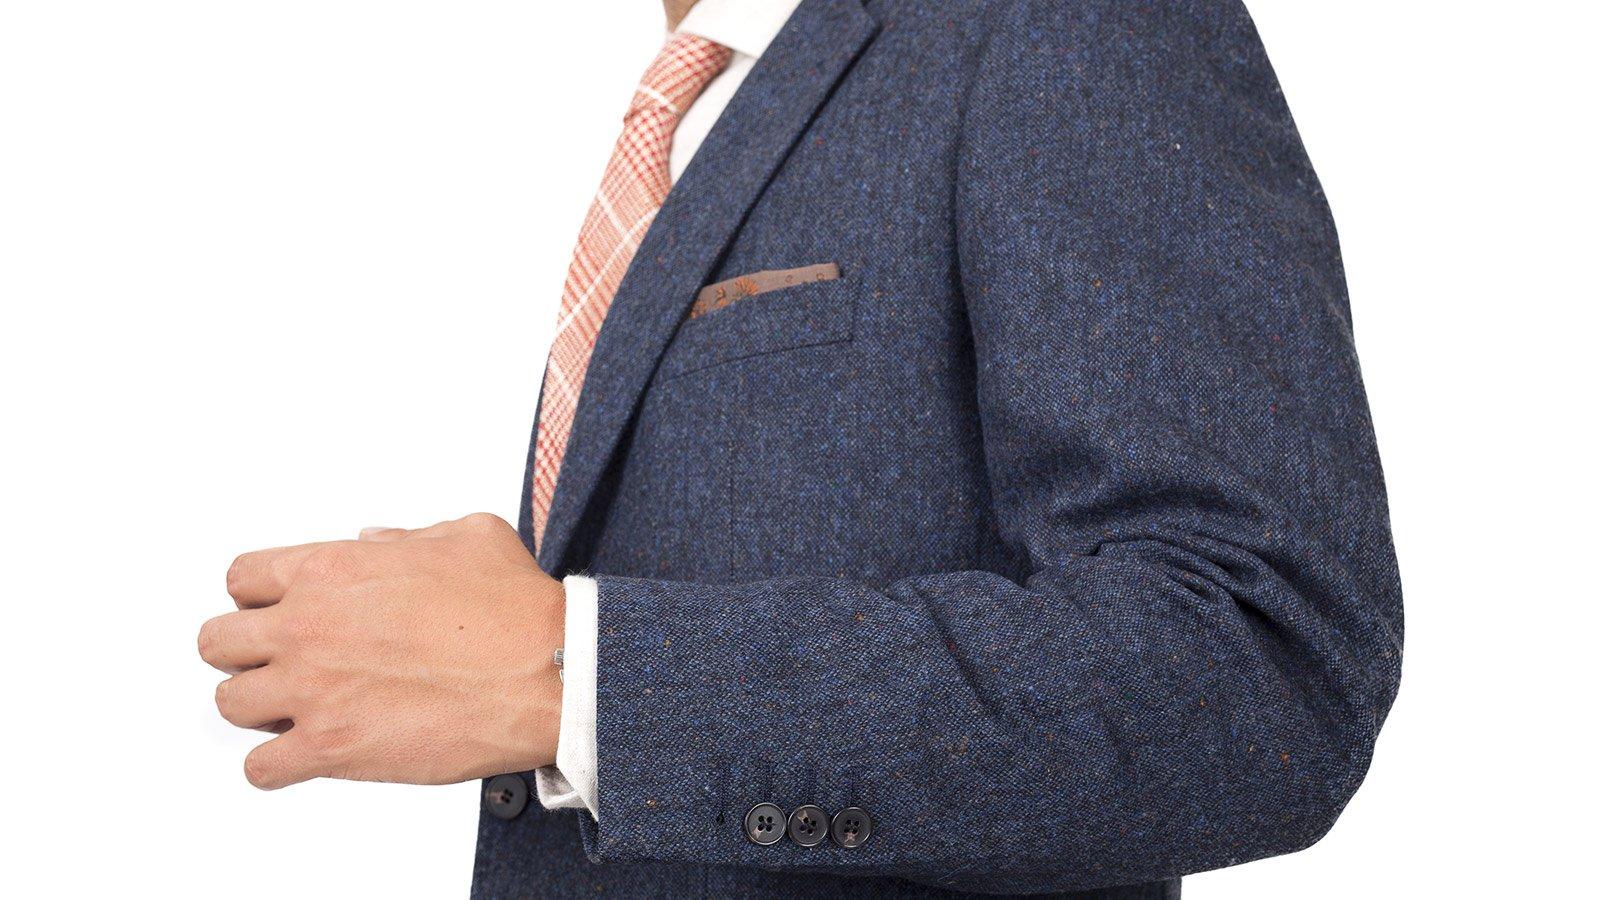 Blue Donegal Tweed Suit - slider image 1